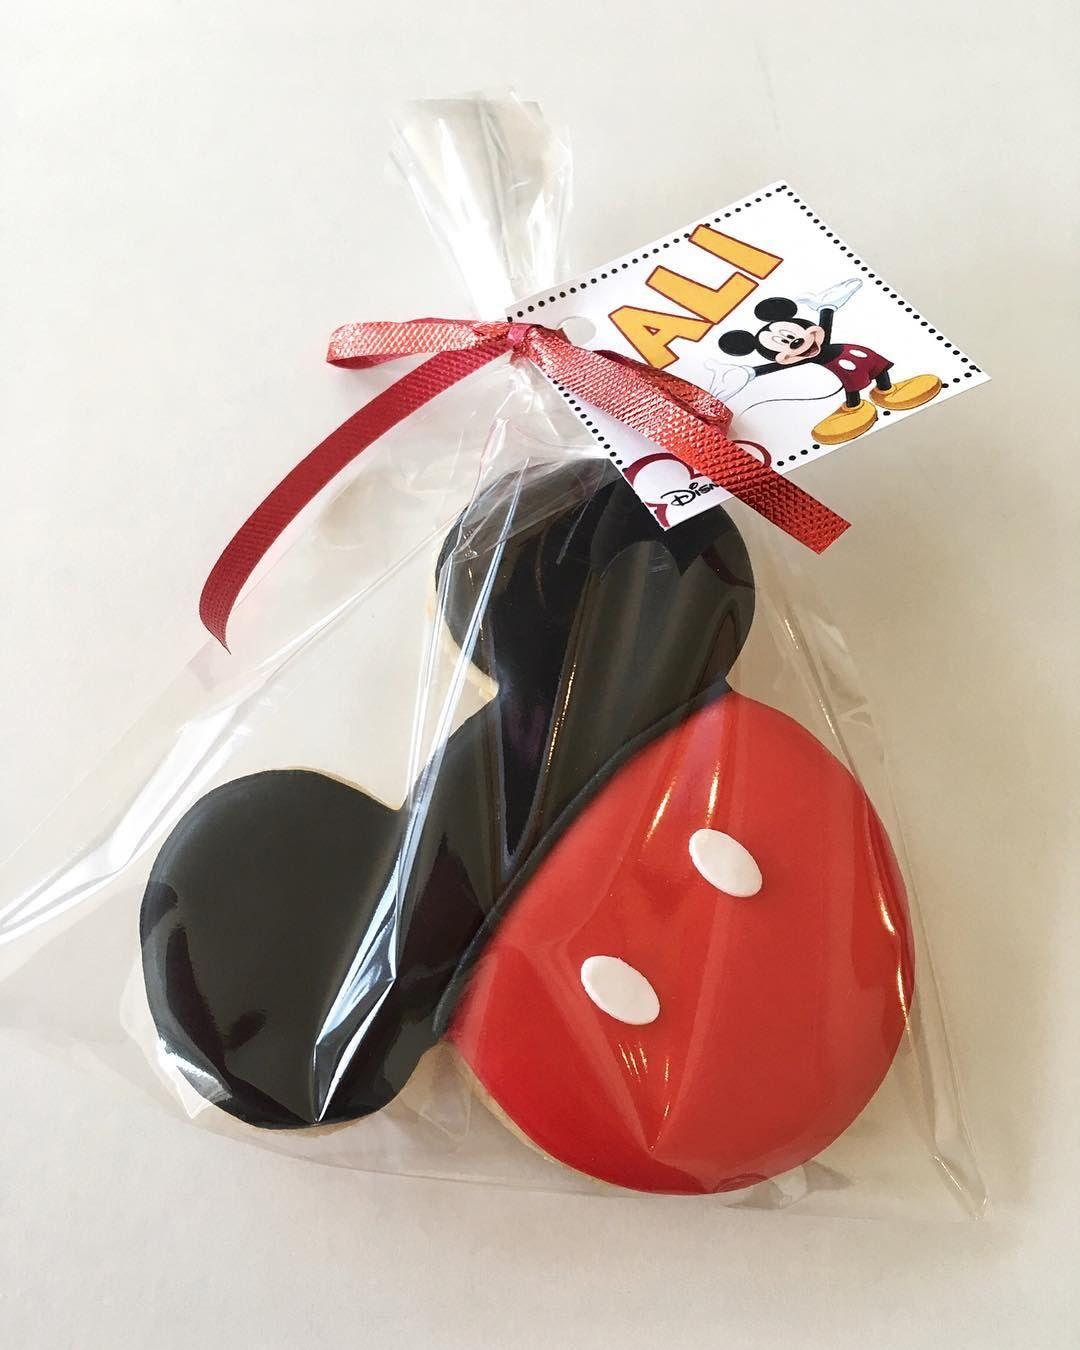 للاحتفال بعيد ميلاد ميكي ال٩٠ توزيعات كوكيز توزيعات ميني ماوس ميكي ماوس كوكيز ميني ماوس توزيعات دزني توزيعات كوكيز حف Disney Treats Treats Mickey